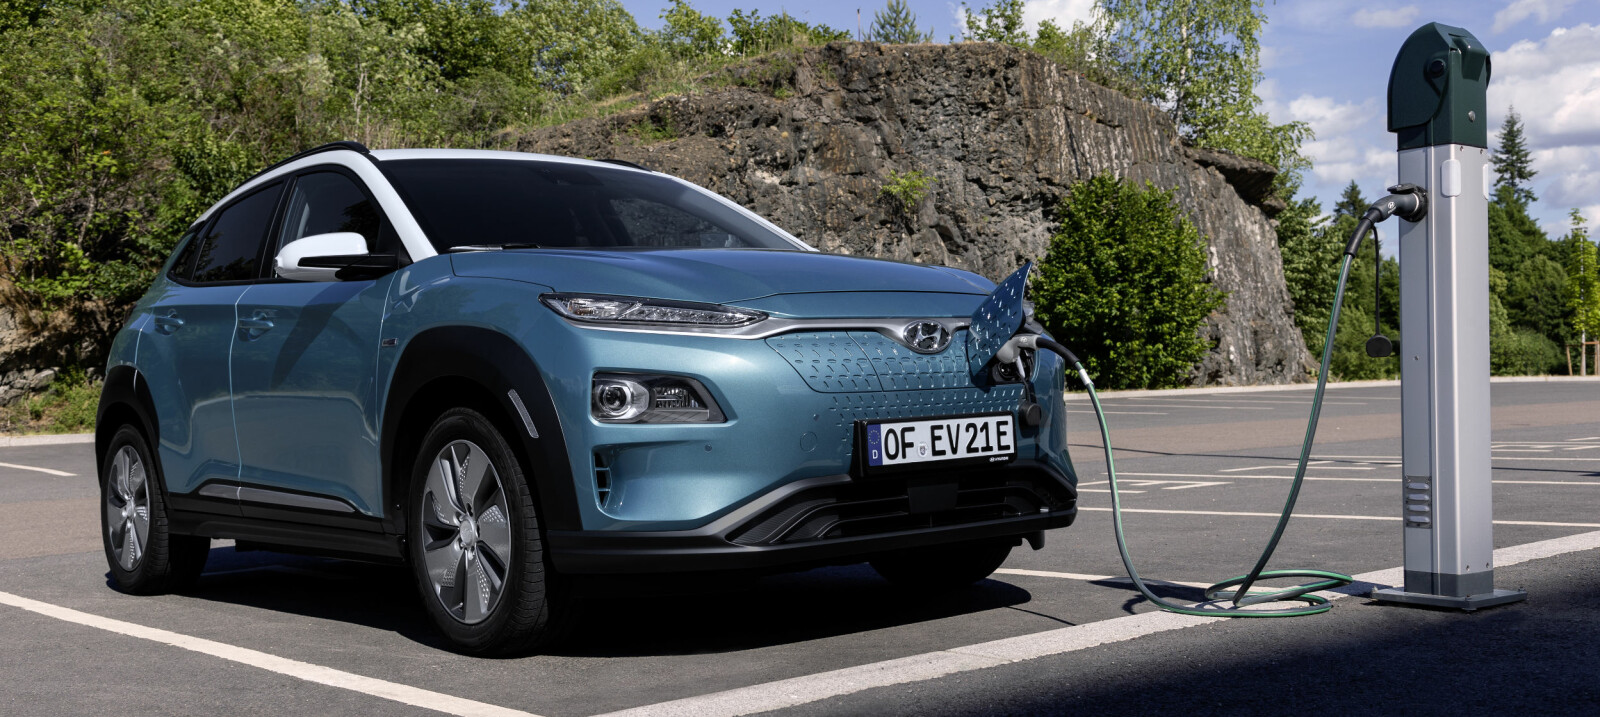 <b>NORGESSUKSESS: </b>Hyundai Kona Electric er den nyeste elbilen i Norge akkurat nå og er en bil som kan gi betydelige besparelser på familiebudsjettet.